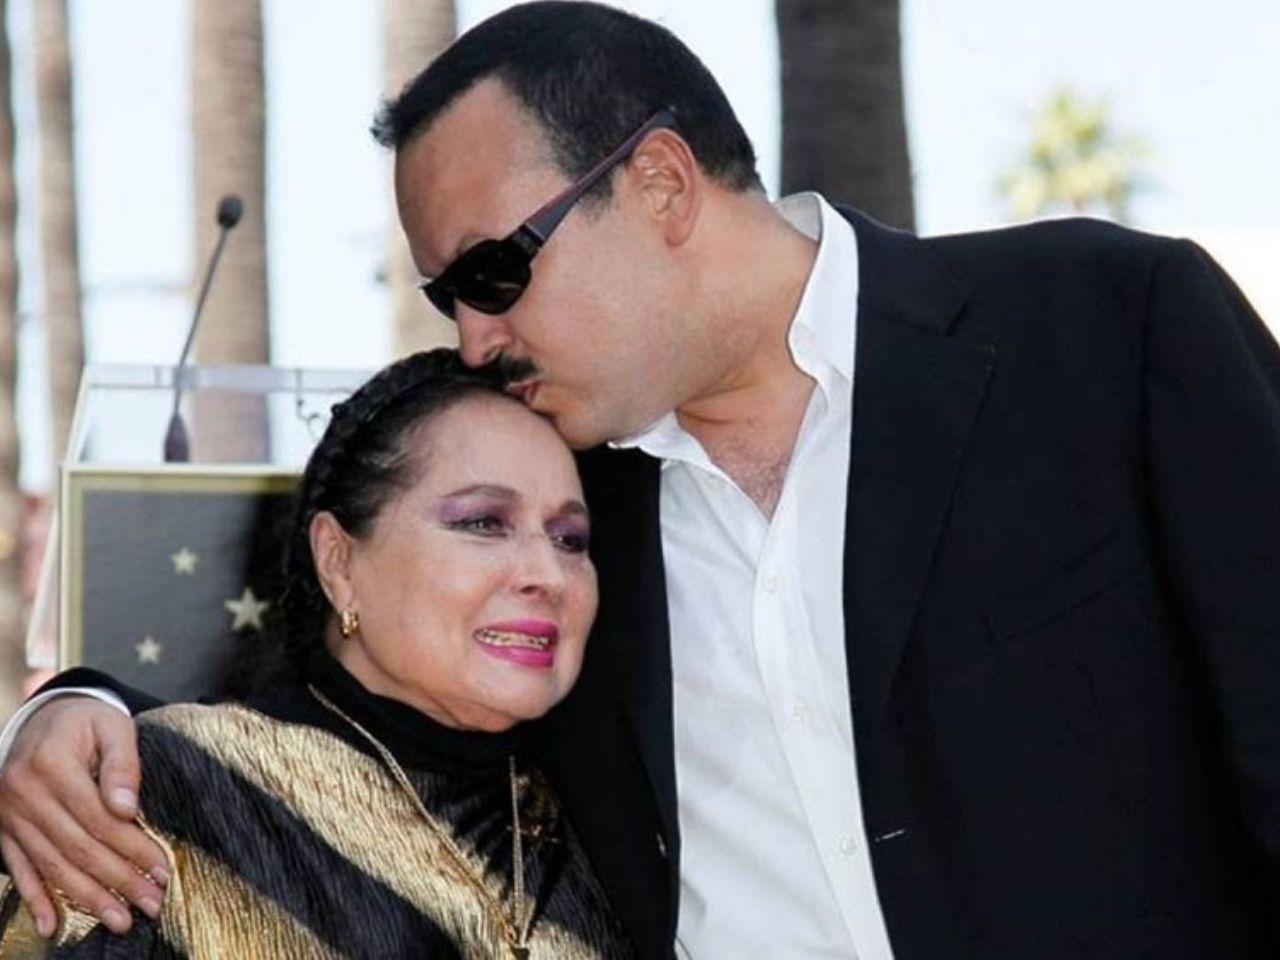 Muere la actriz y cantante Flor Silvestre, madre de Pepe Aguilar